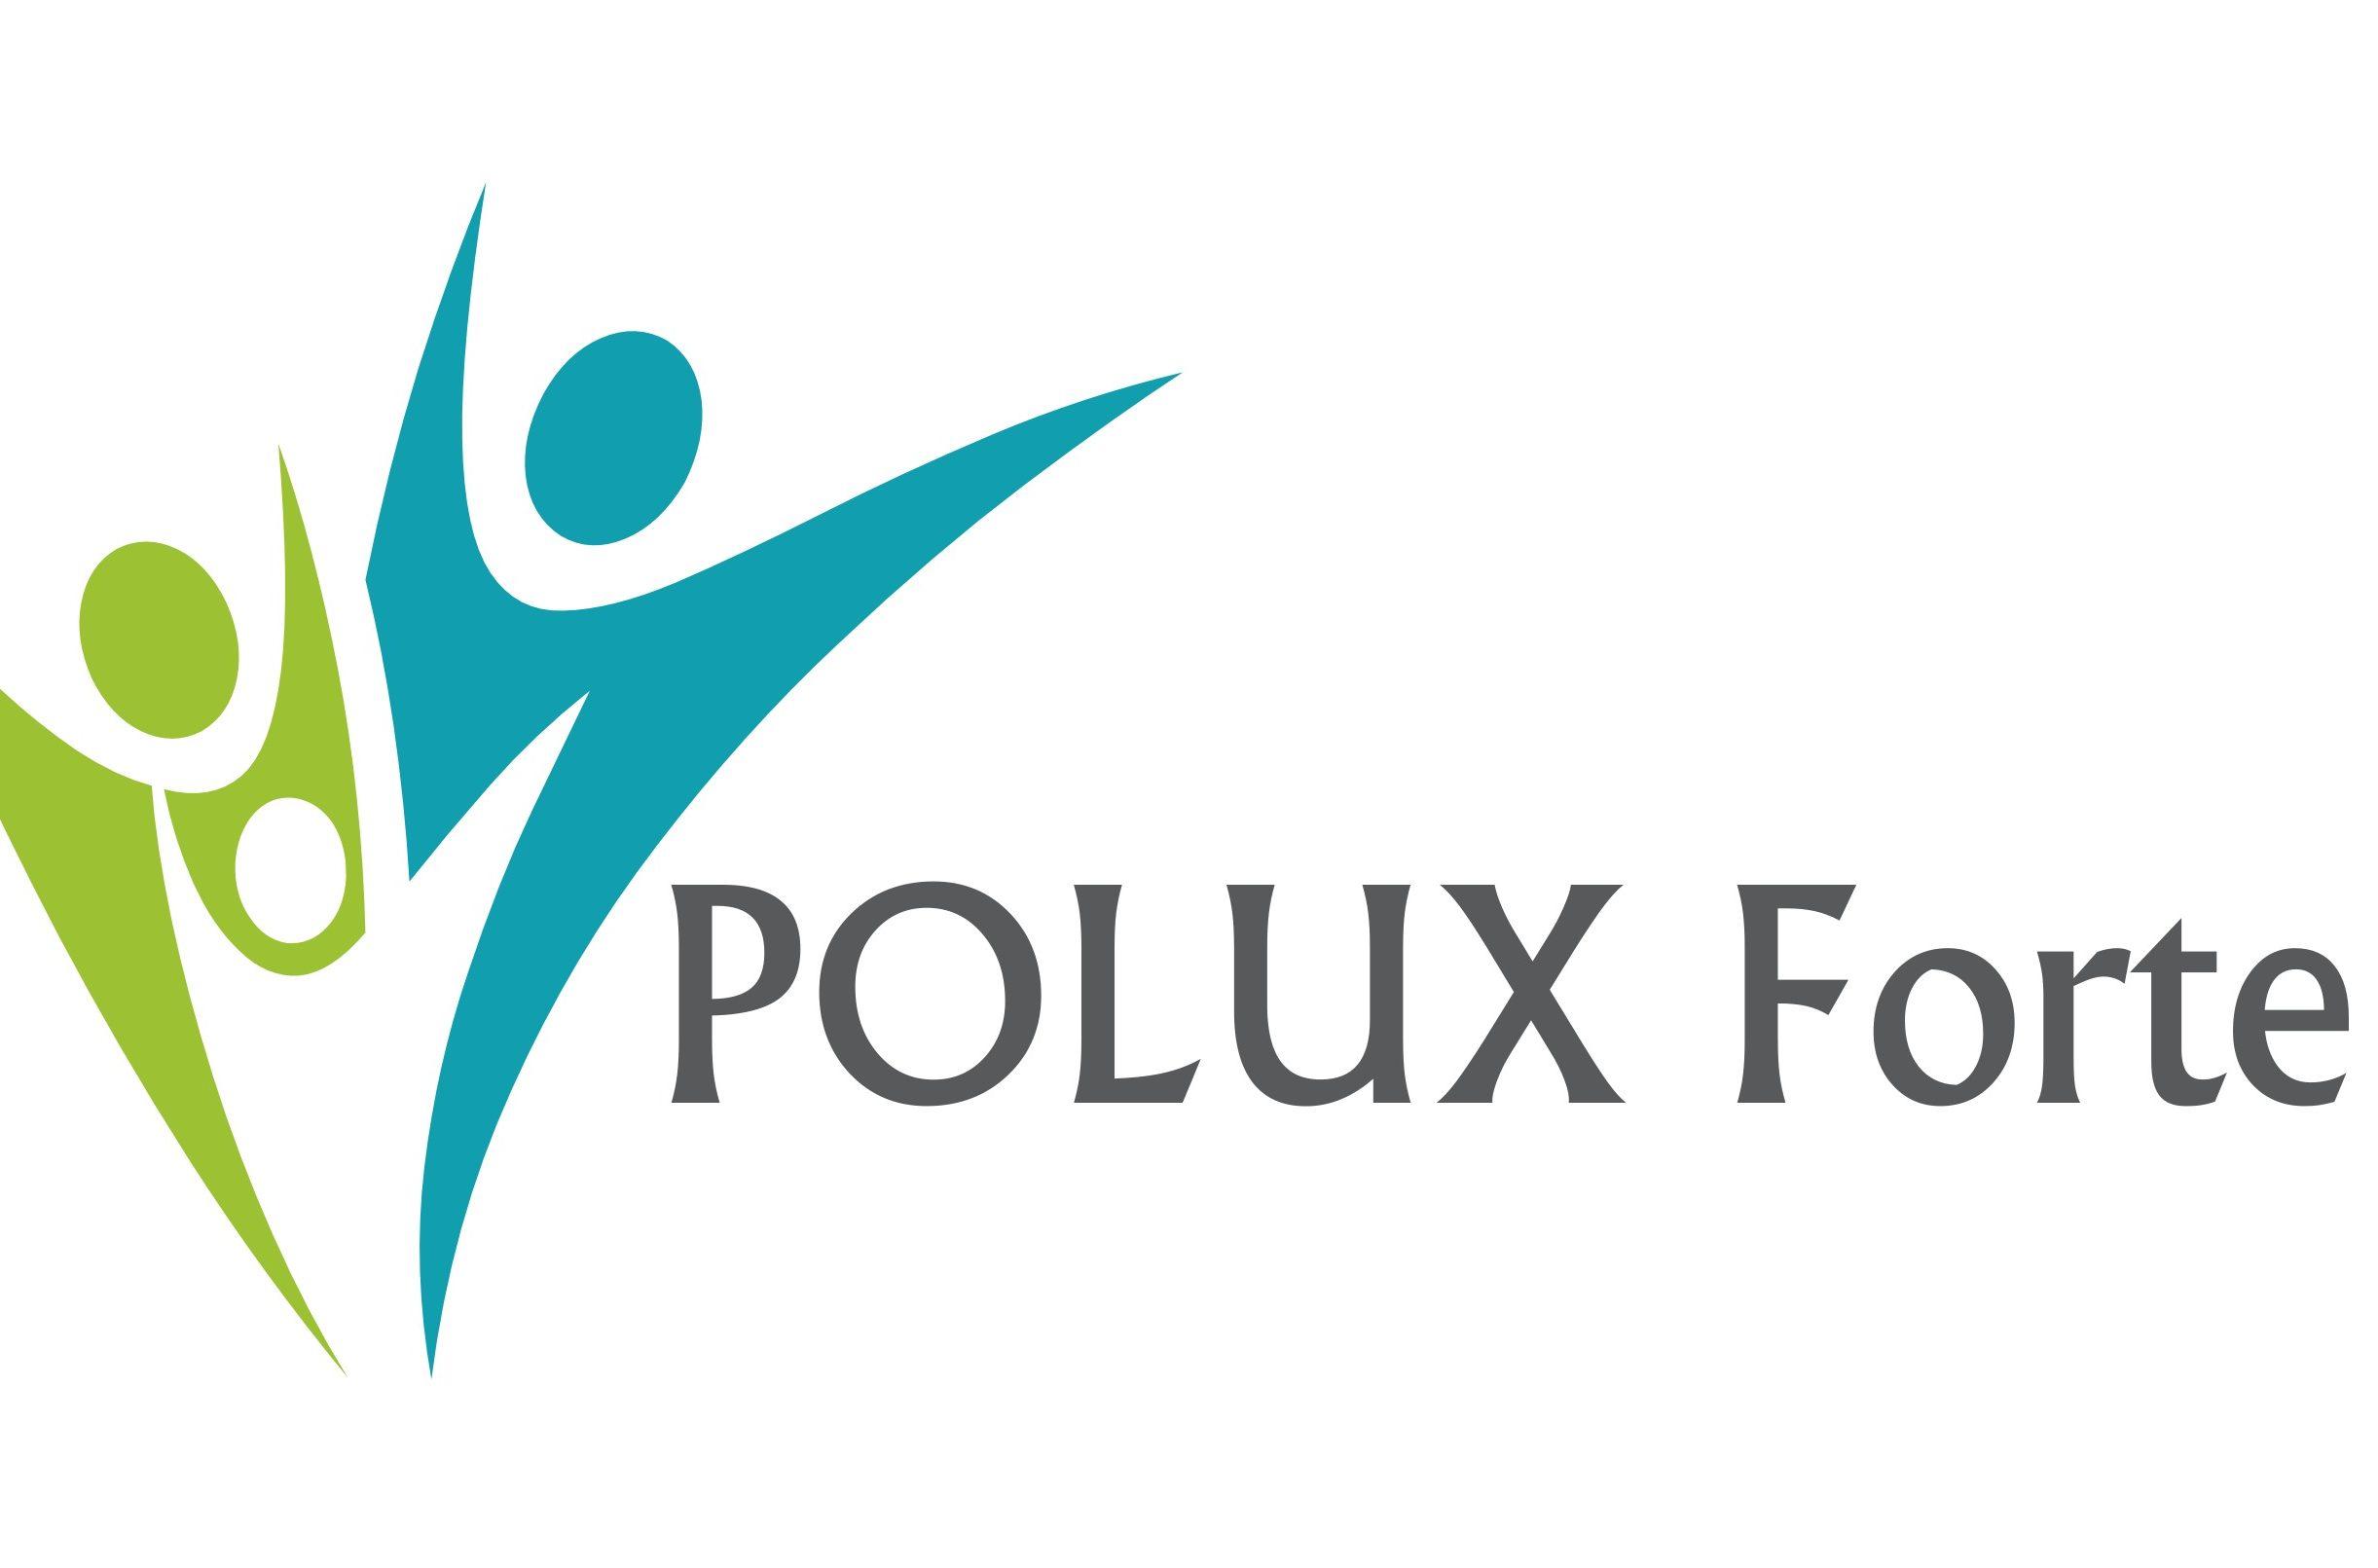 POLUX Forte